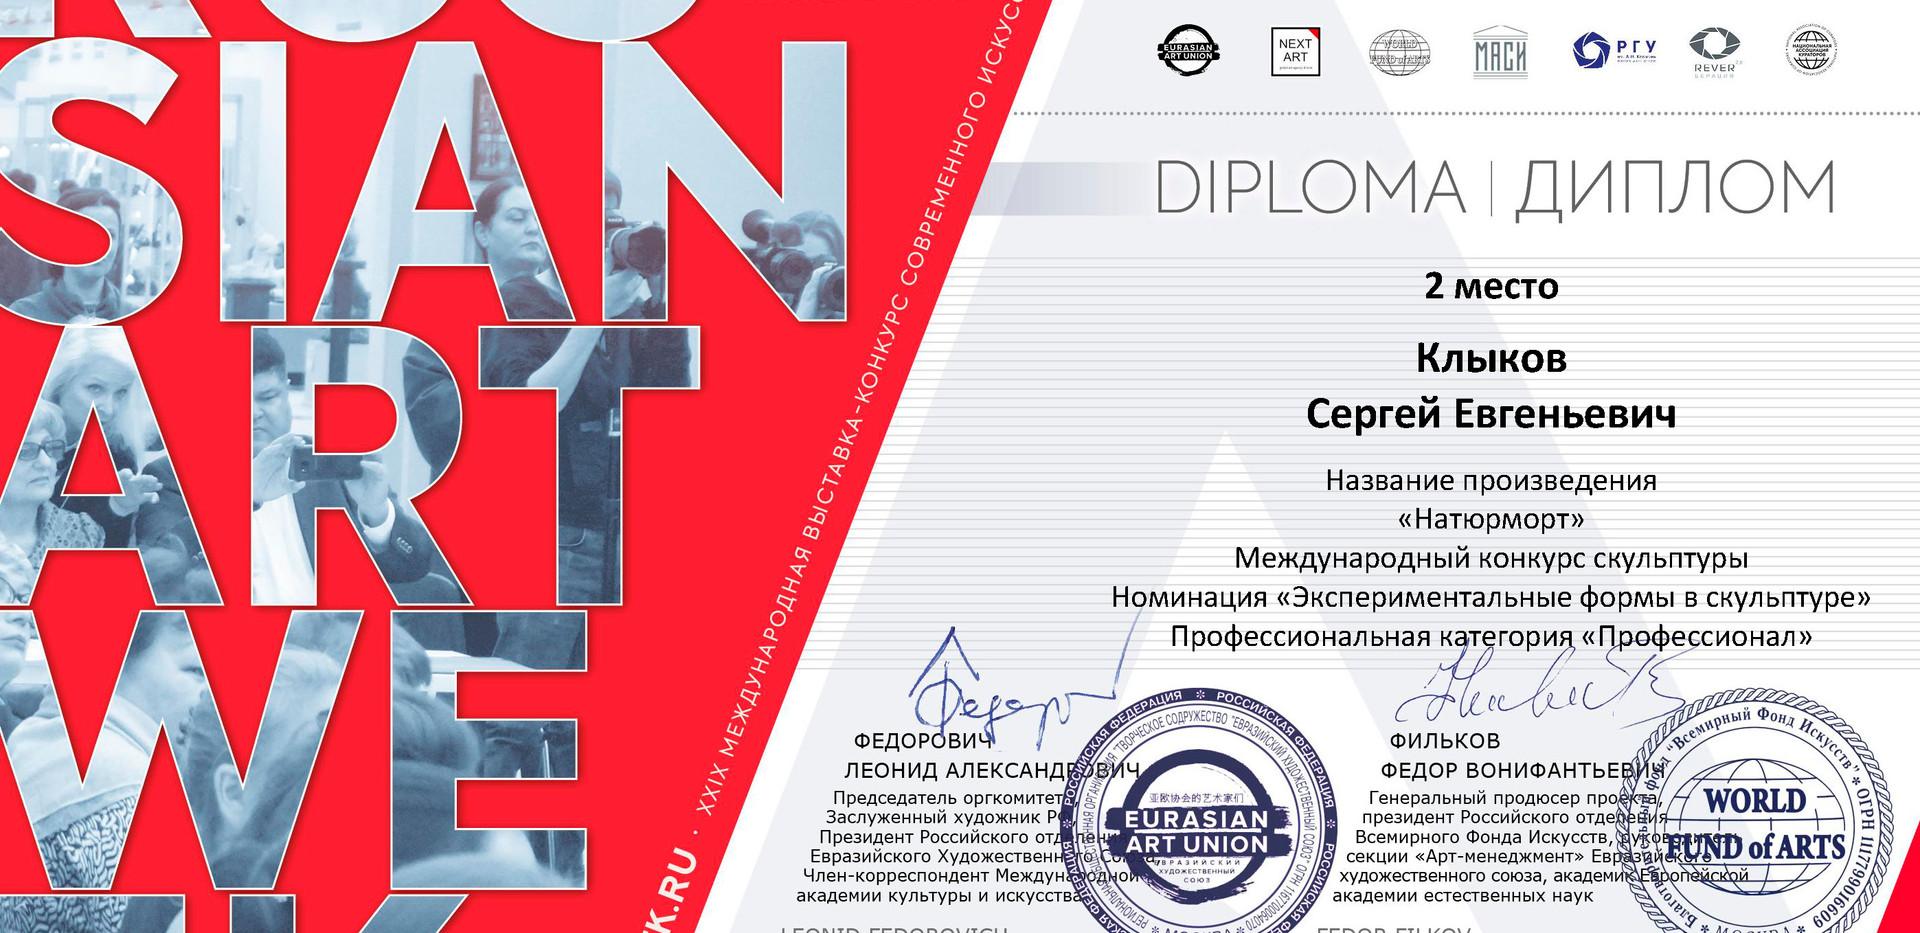 Диплом РНИ Скульптура_36-36 НАТЮРМОРТ 20